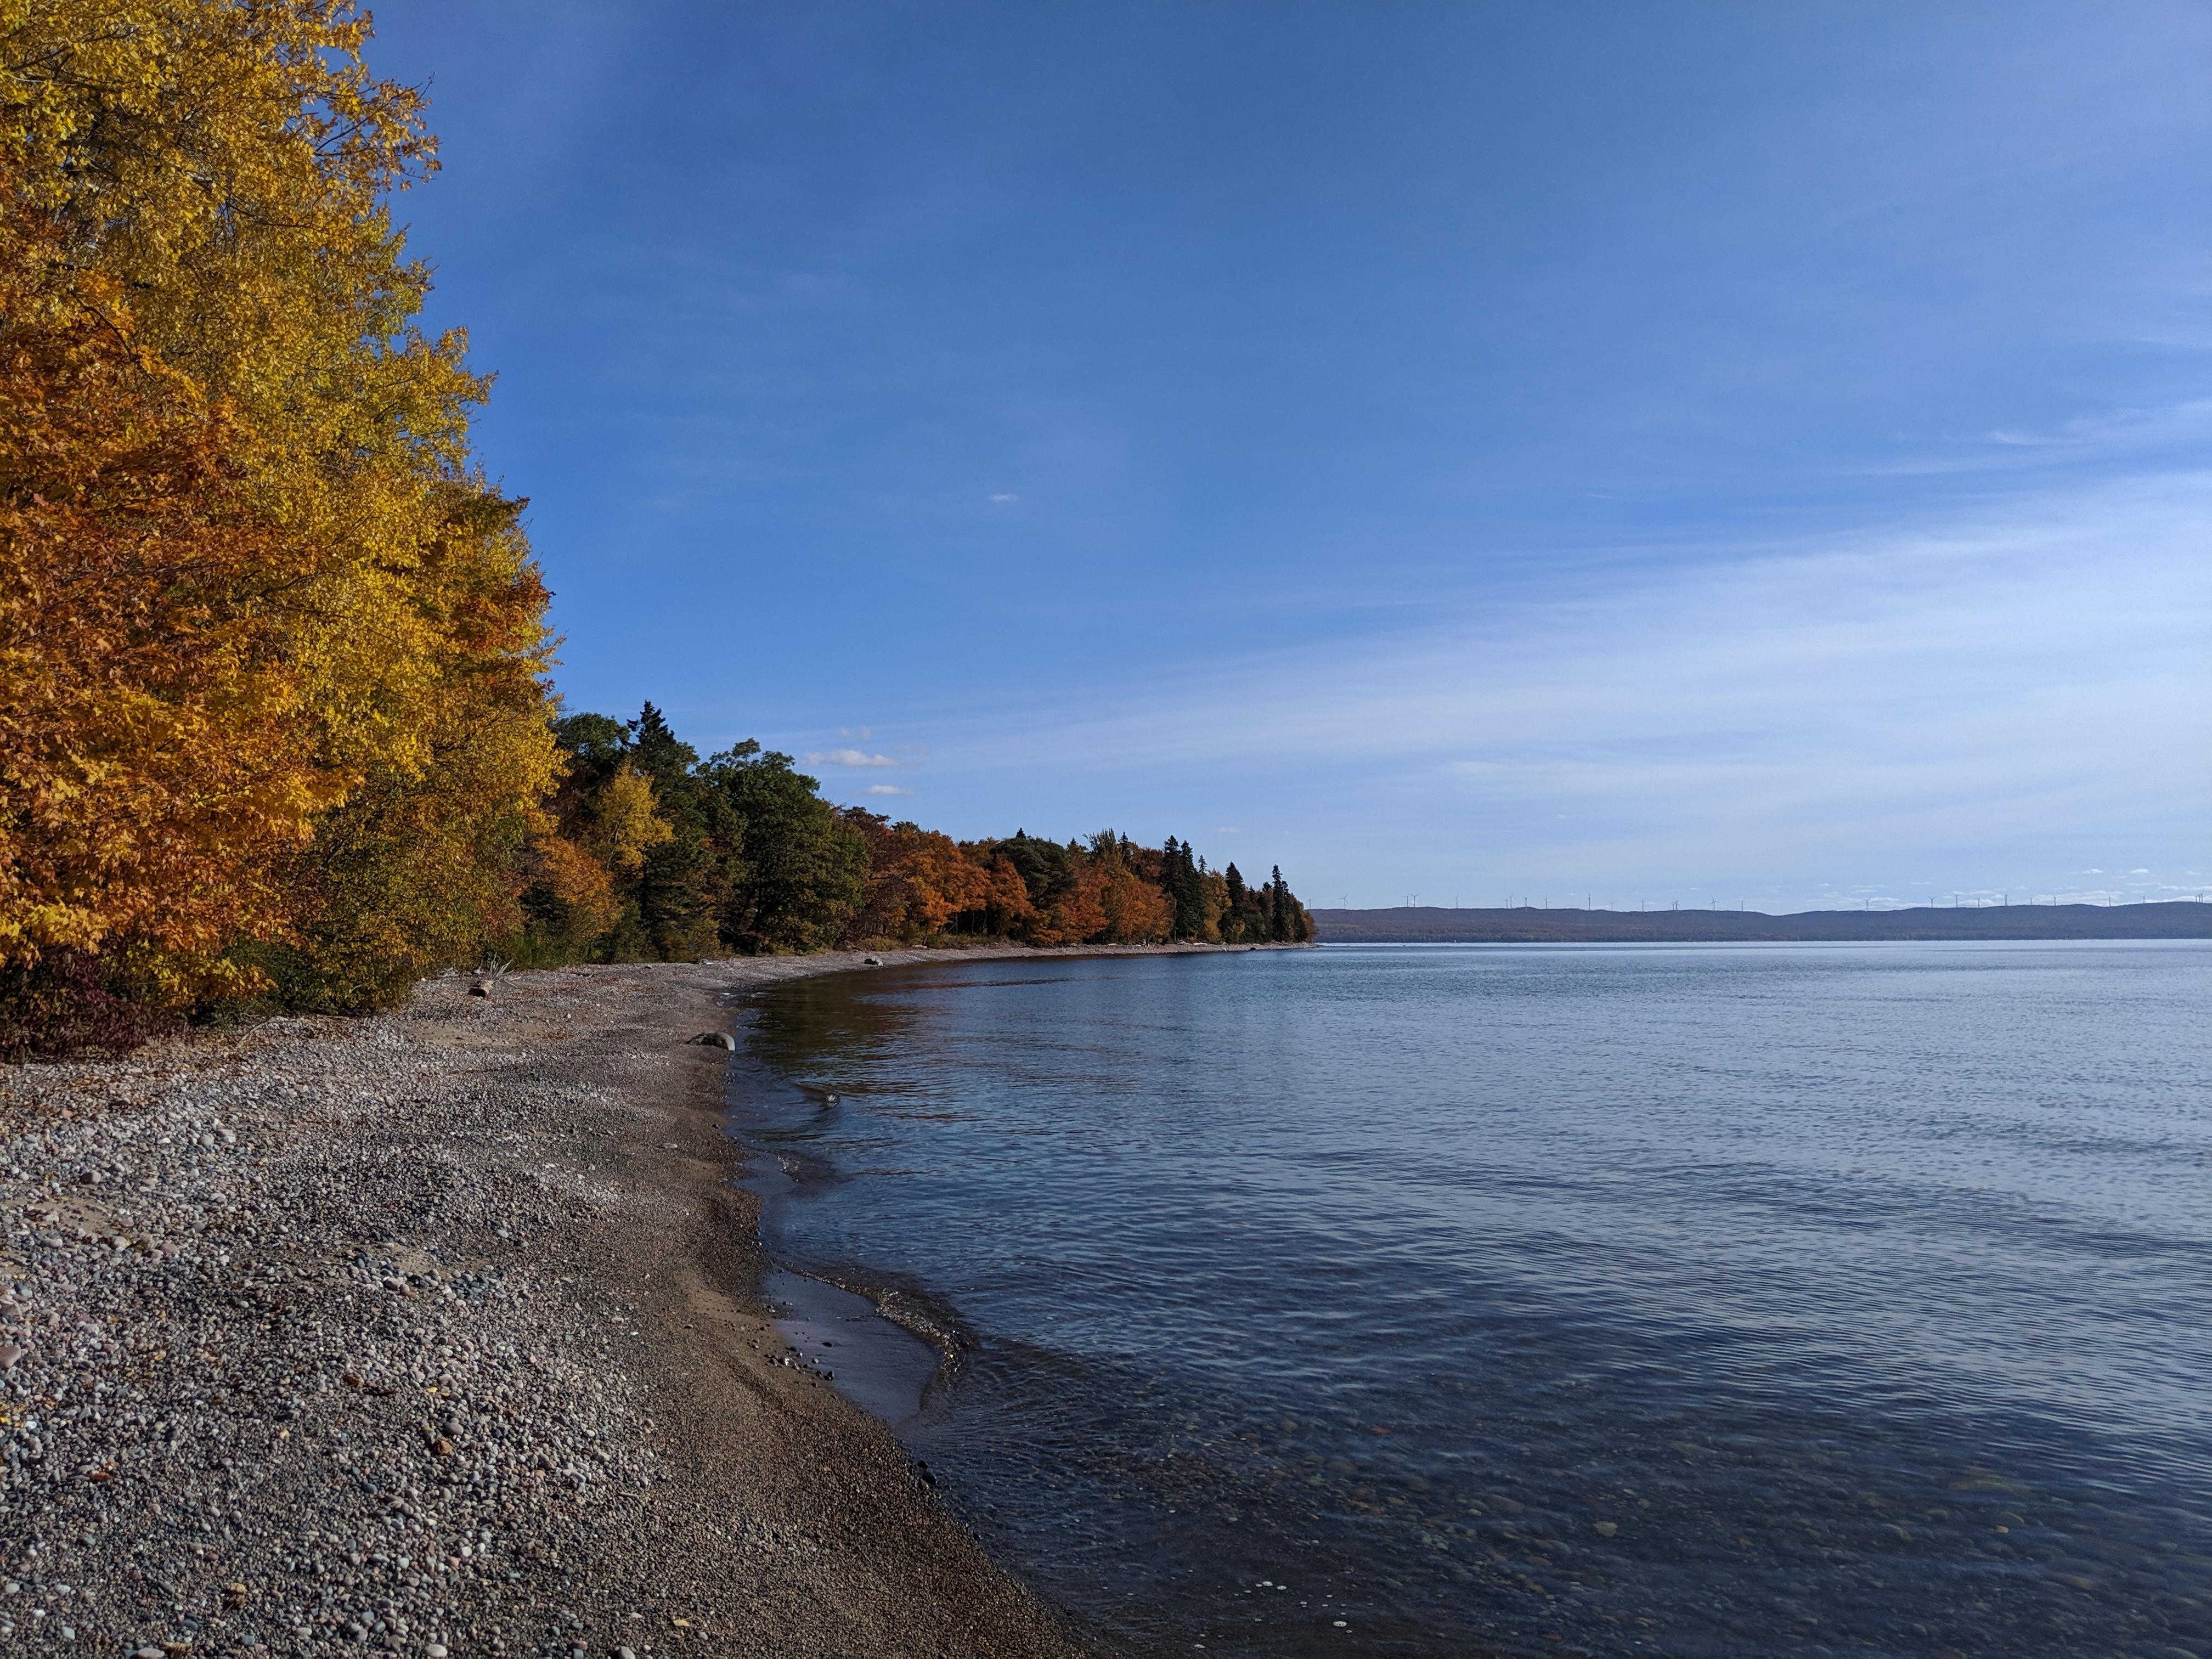 FALLGOMA: Fall colours shoreline tour